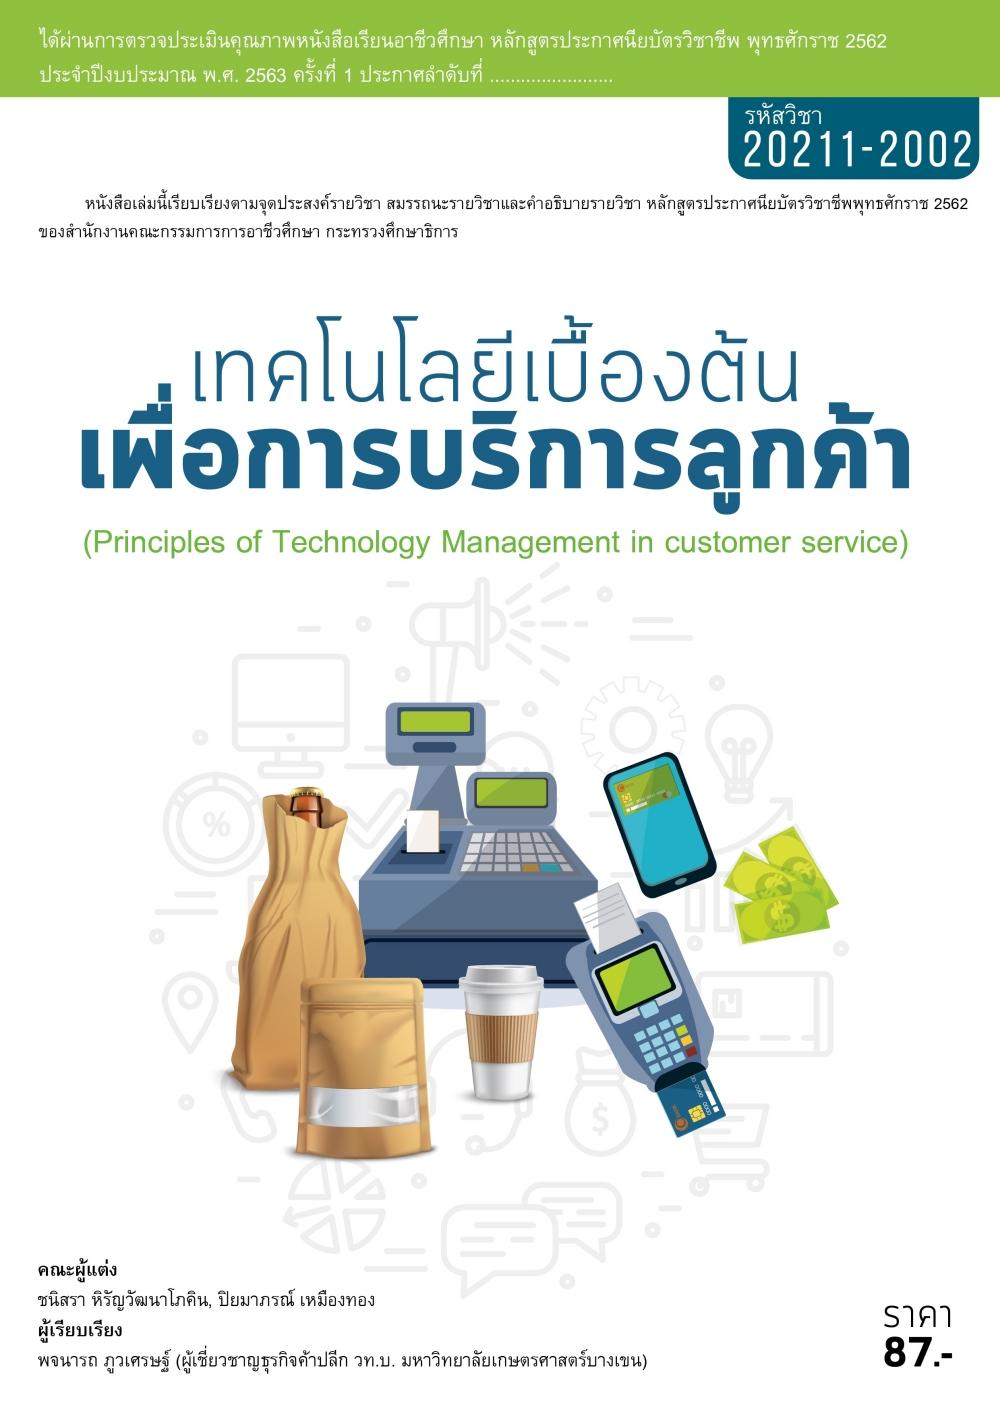 เทคโนโลยีเบื้องต้น เพื่อการบริการลูกค้า